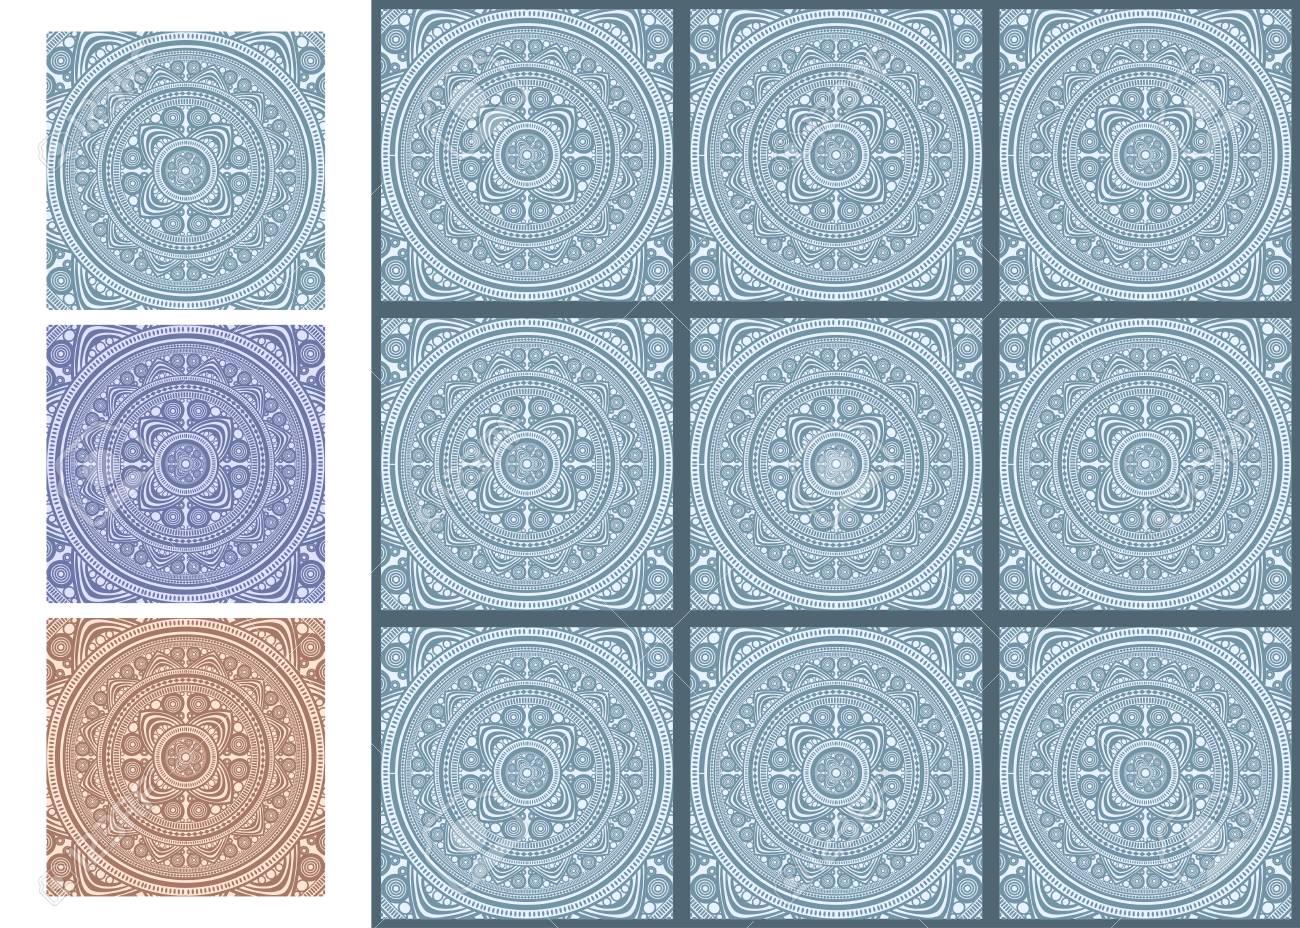 Vintage Keramik Mosaik Boden Fliesen Muster Vorlage Fur Design